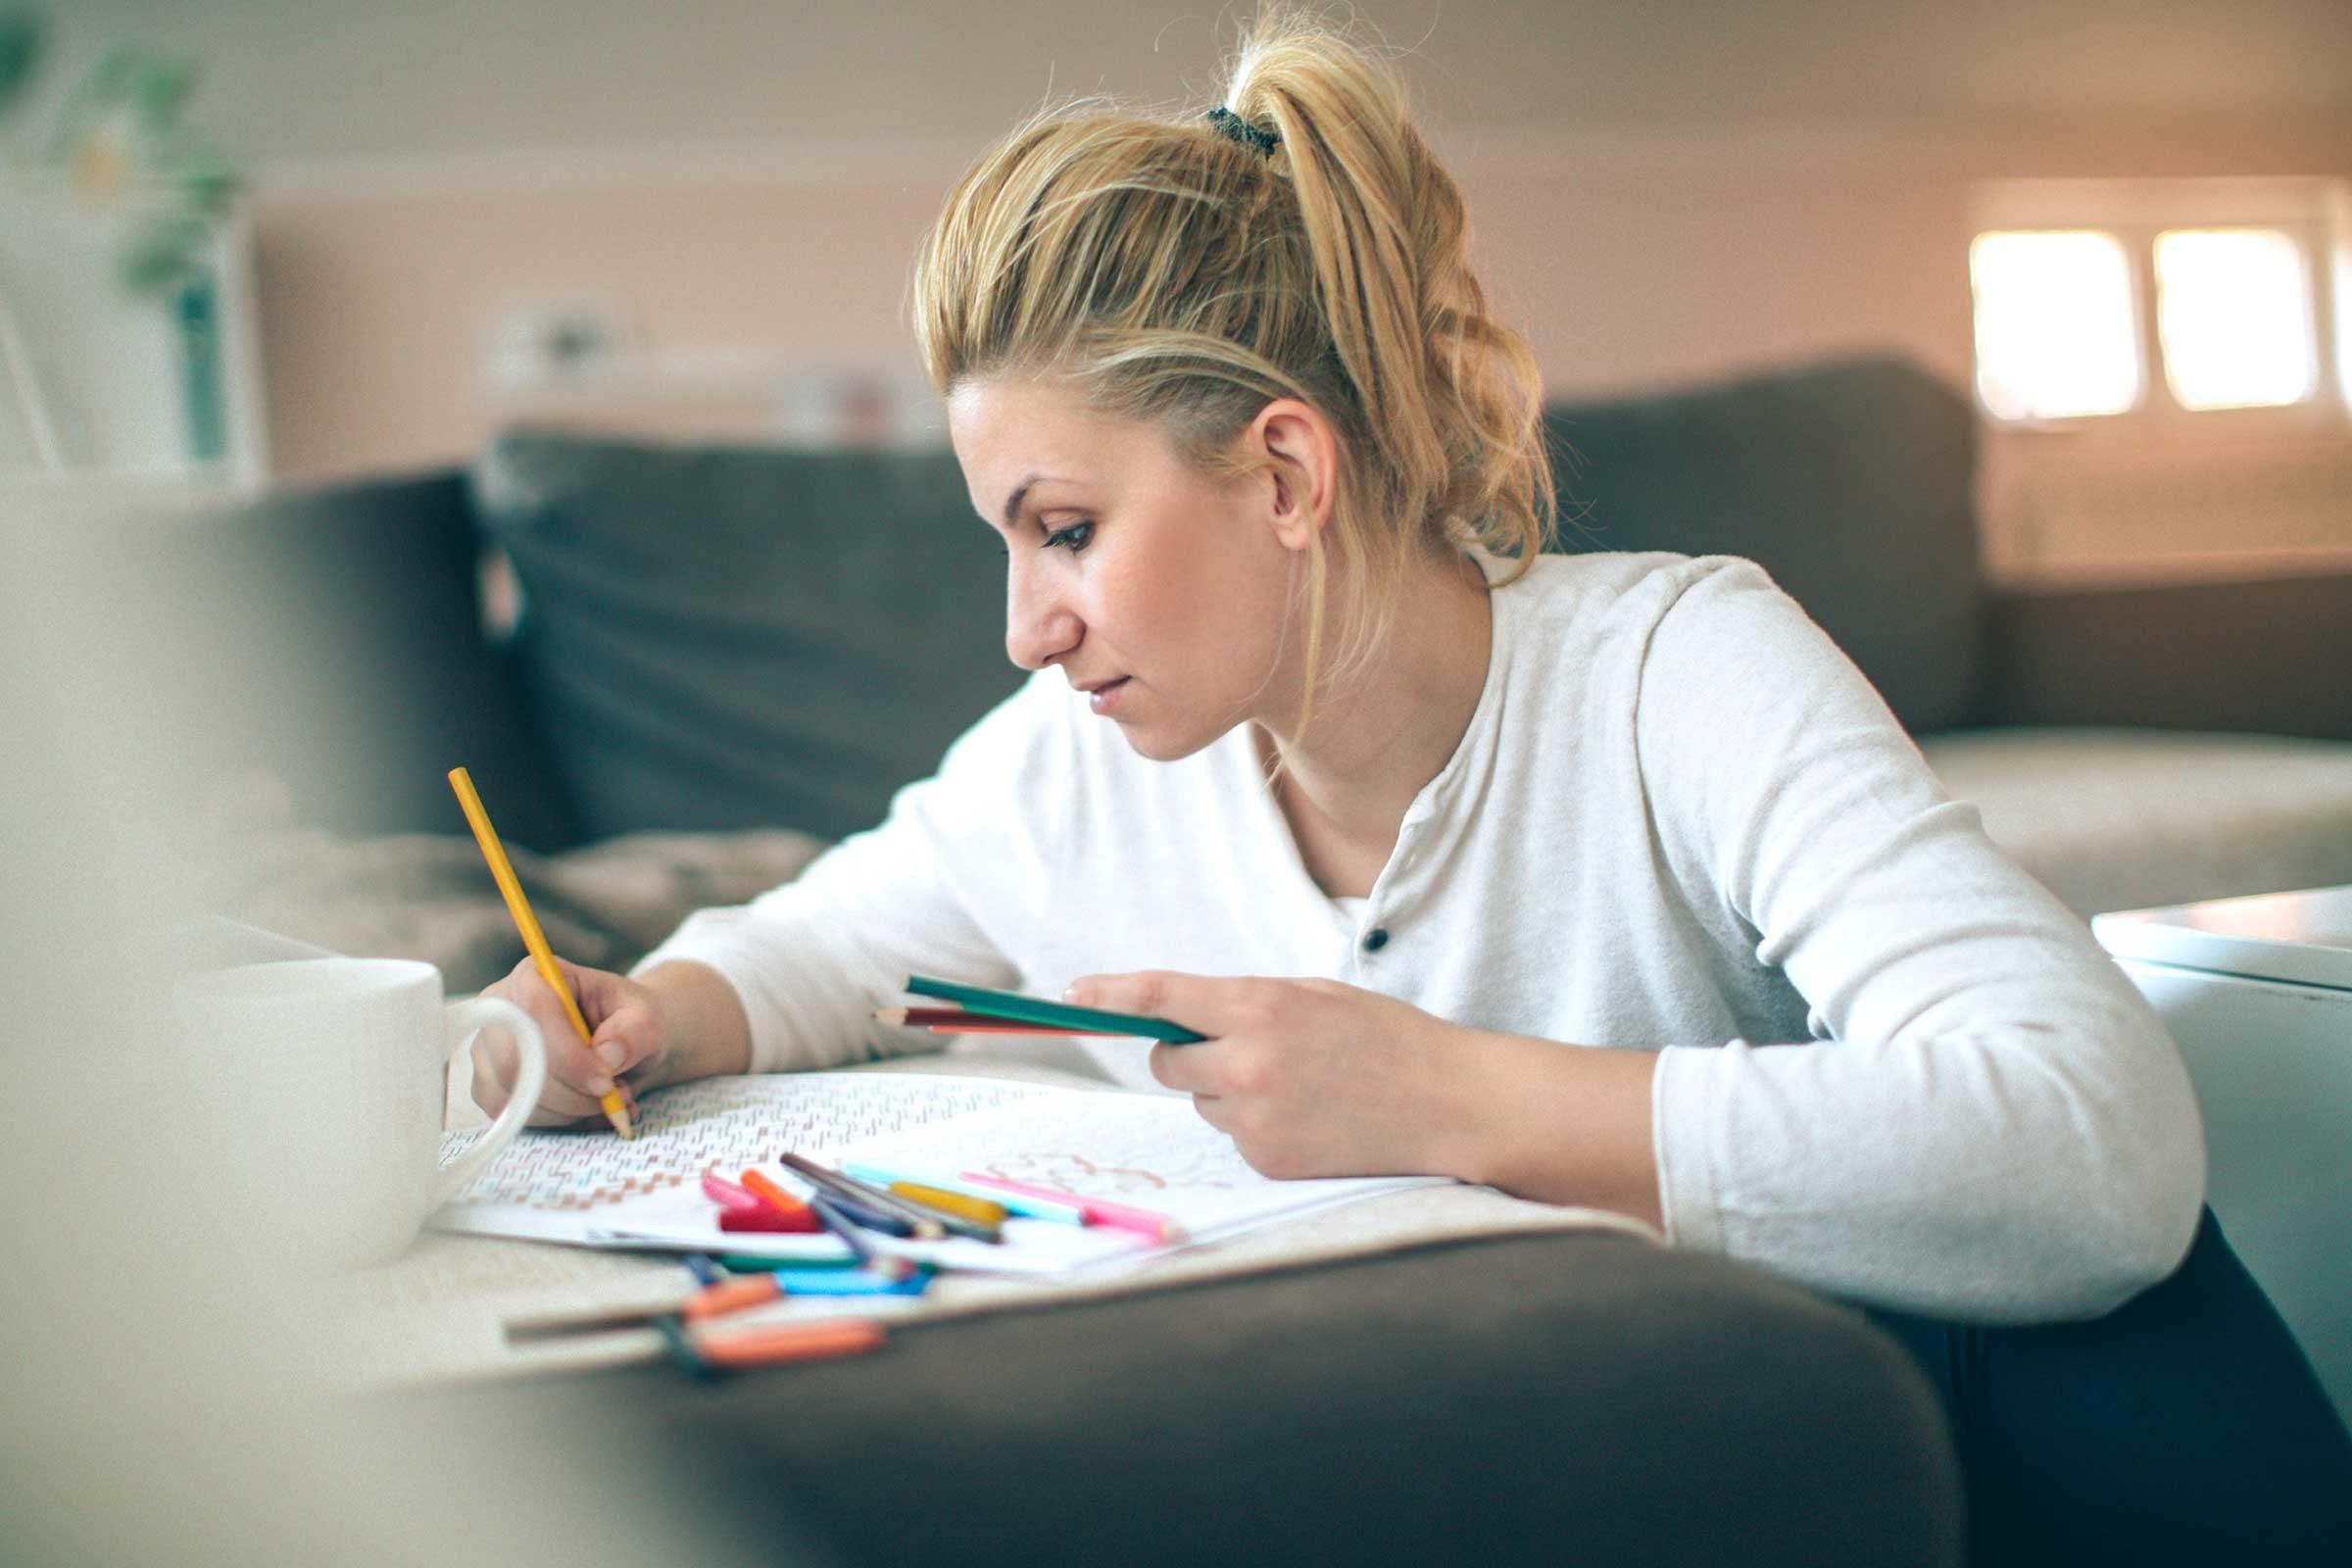 Secret du corps: le coloriage peut effacer l'anxiété